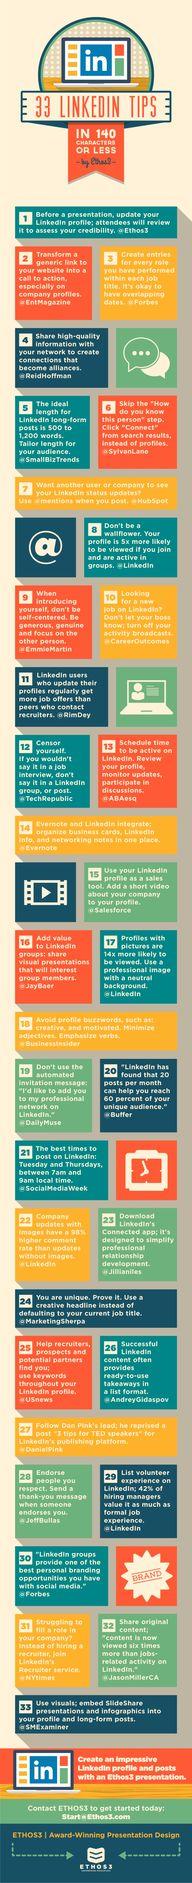 33 LinkedIn Tips, in